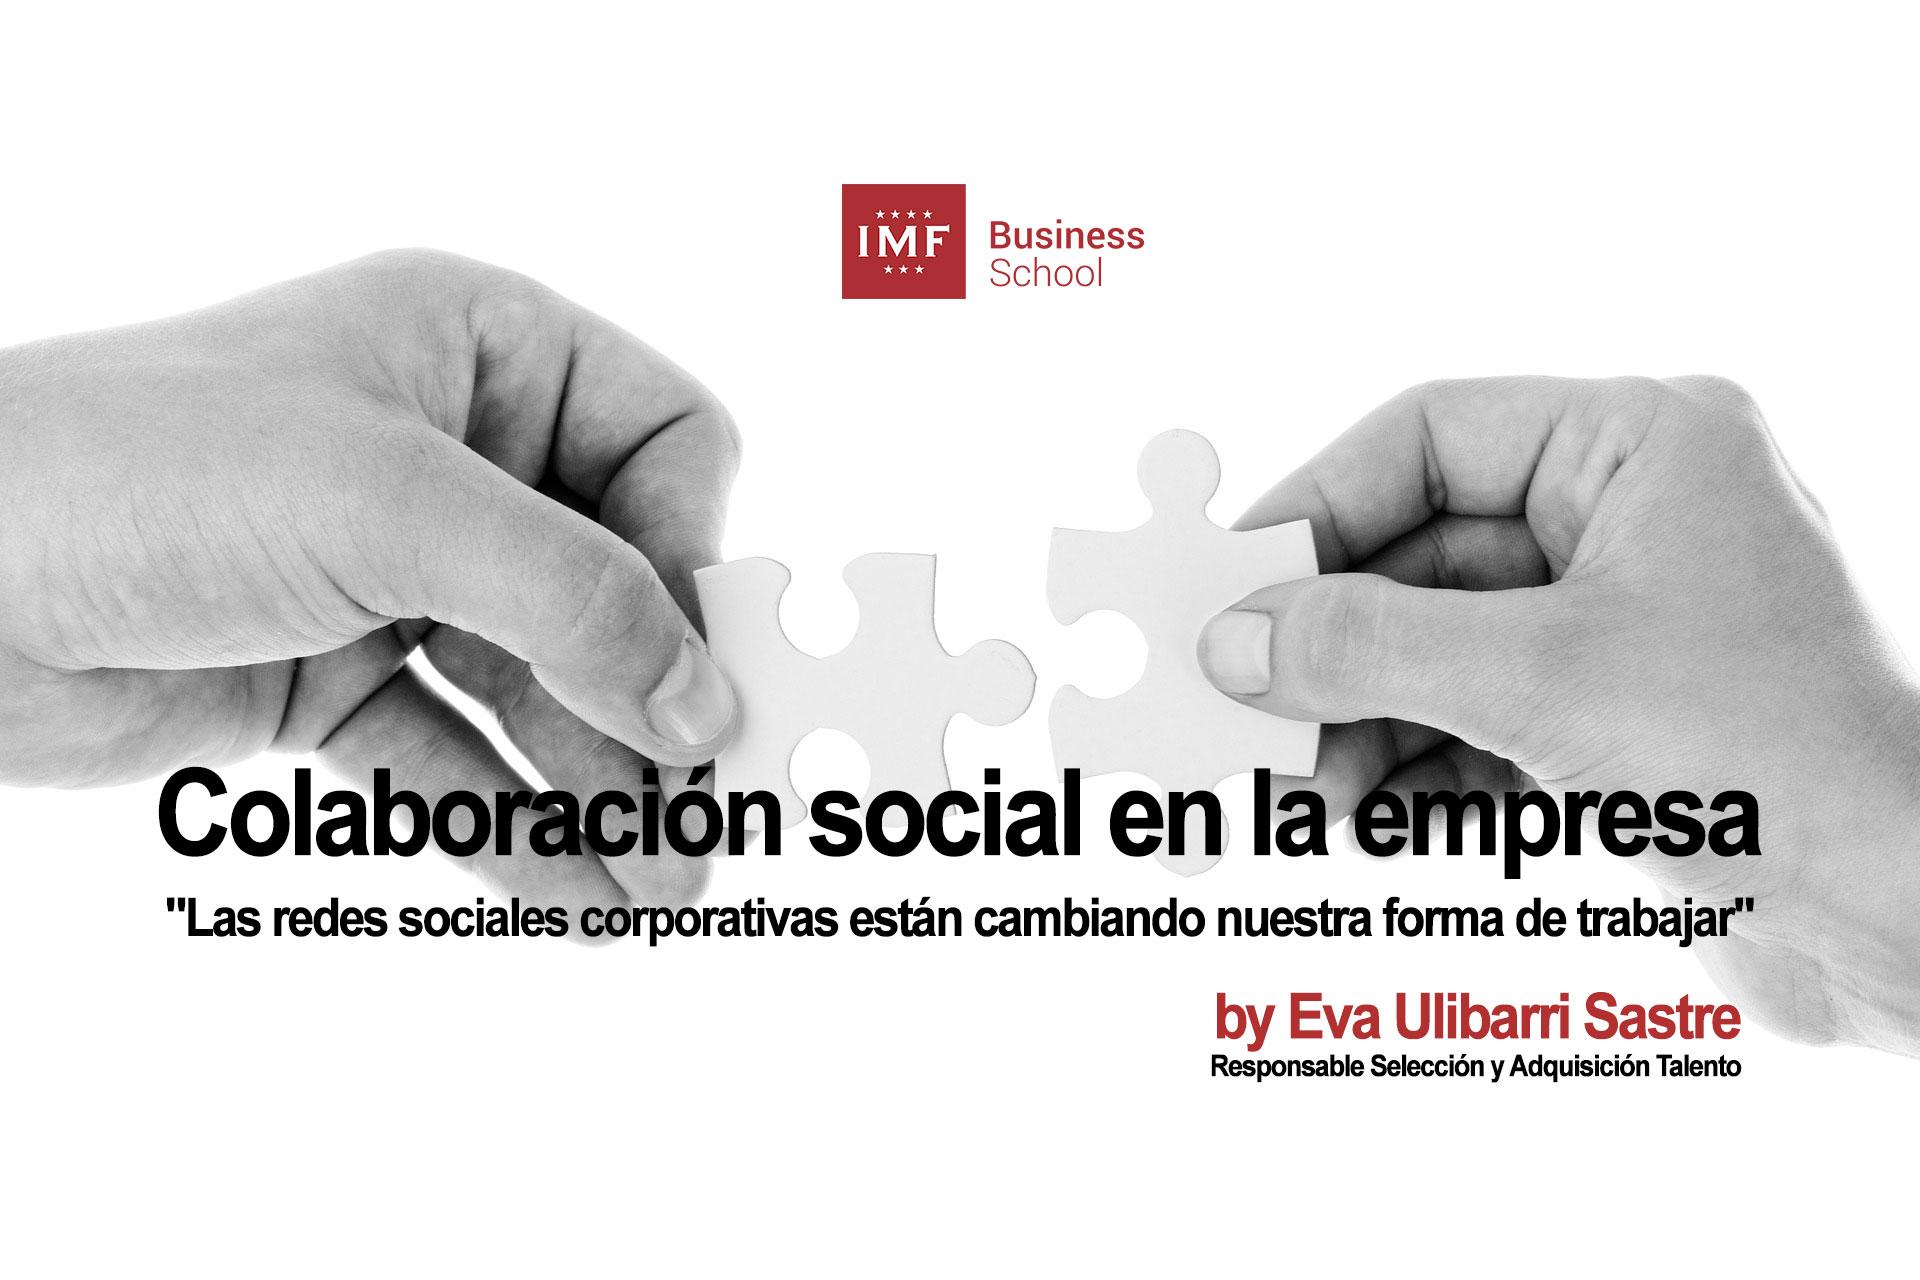 colaboracion-social Colaboración social en la empresa